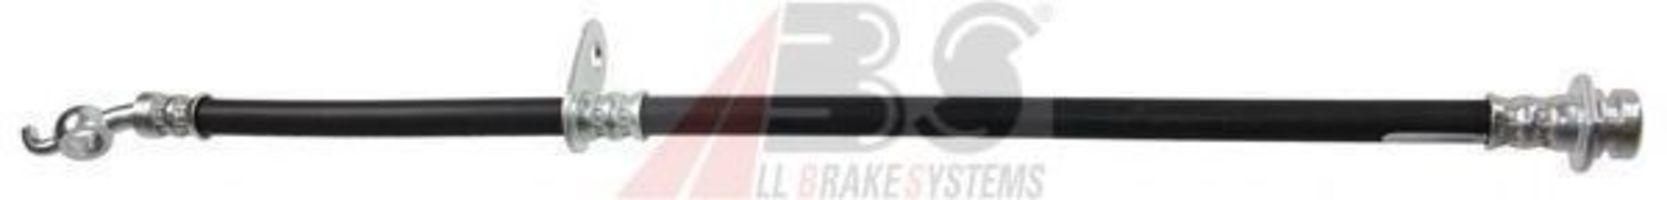 Шланг тормозной A.B.S. SL 5959